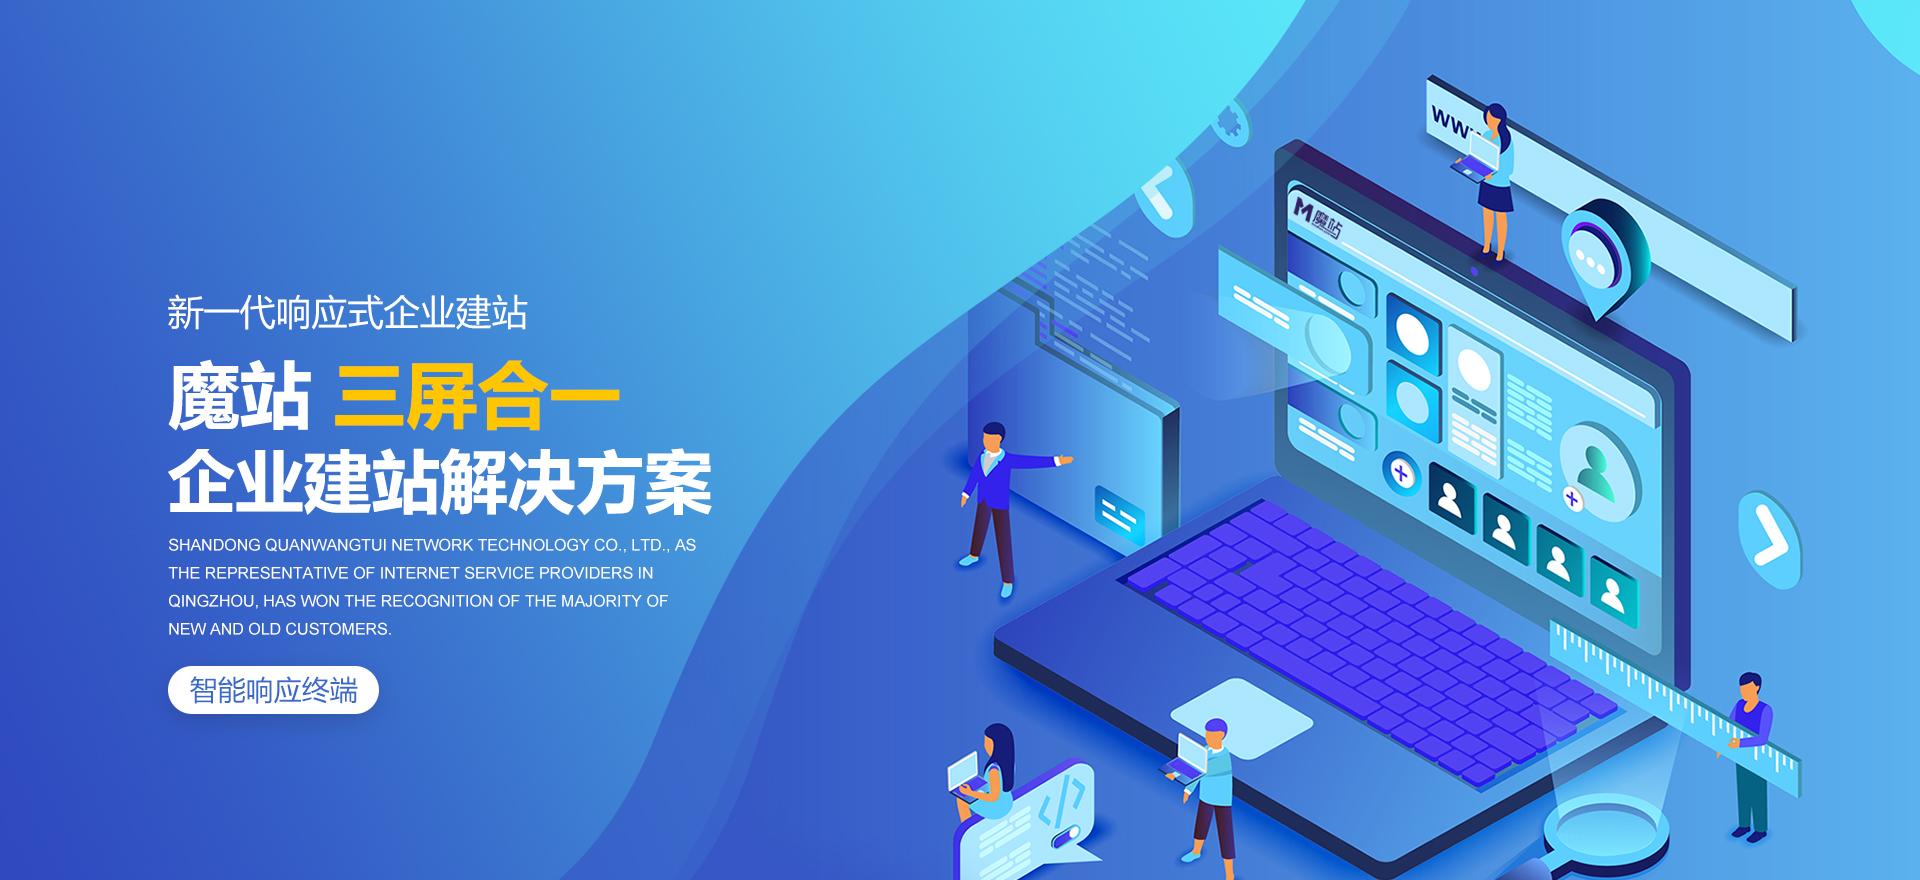 魔站-三屏合一的网站,企业网站建设制作首选